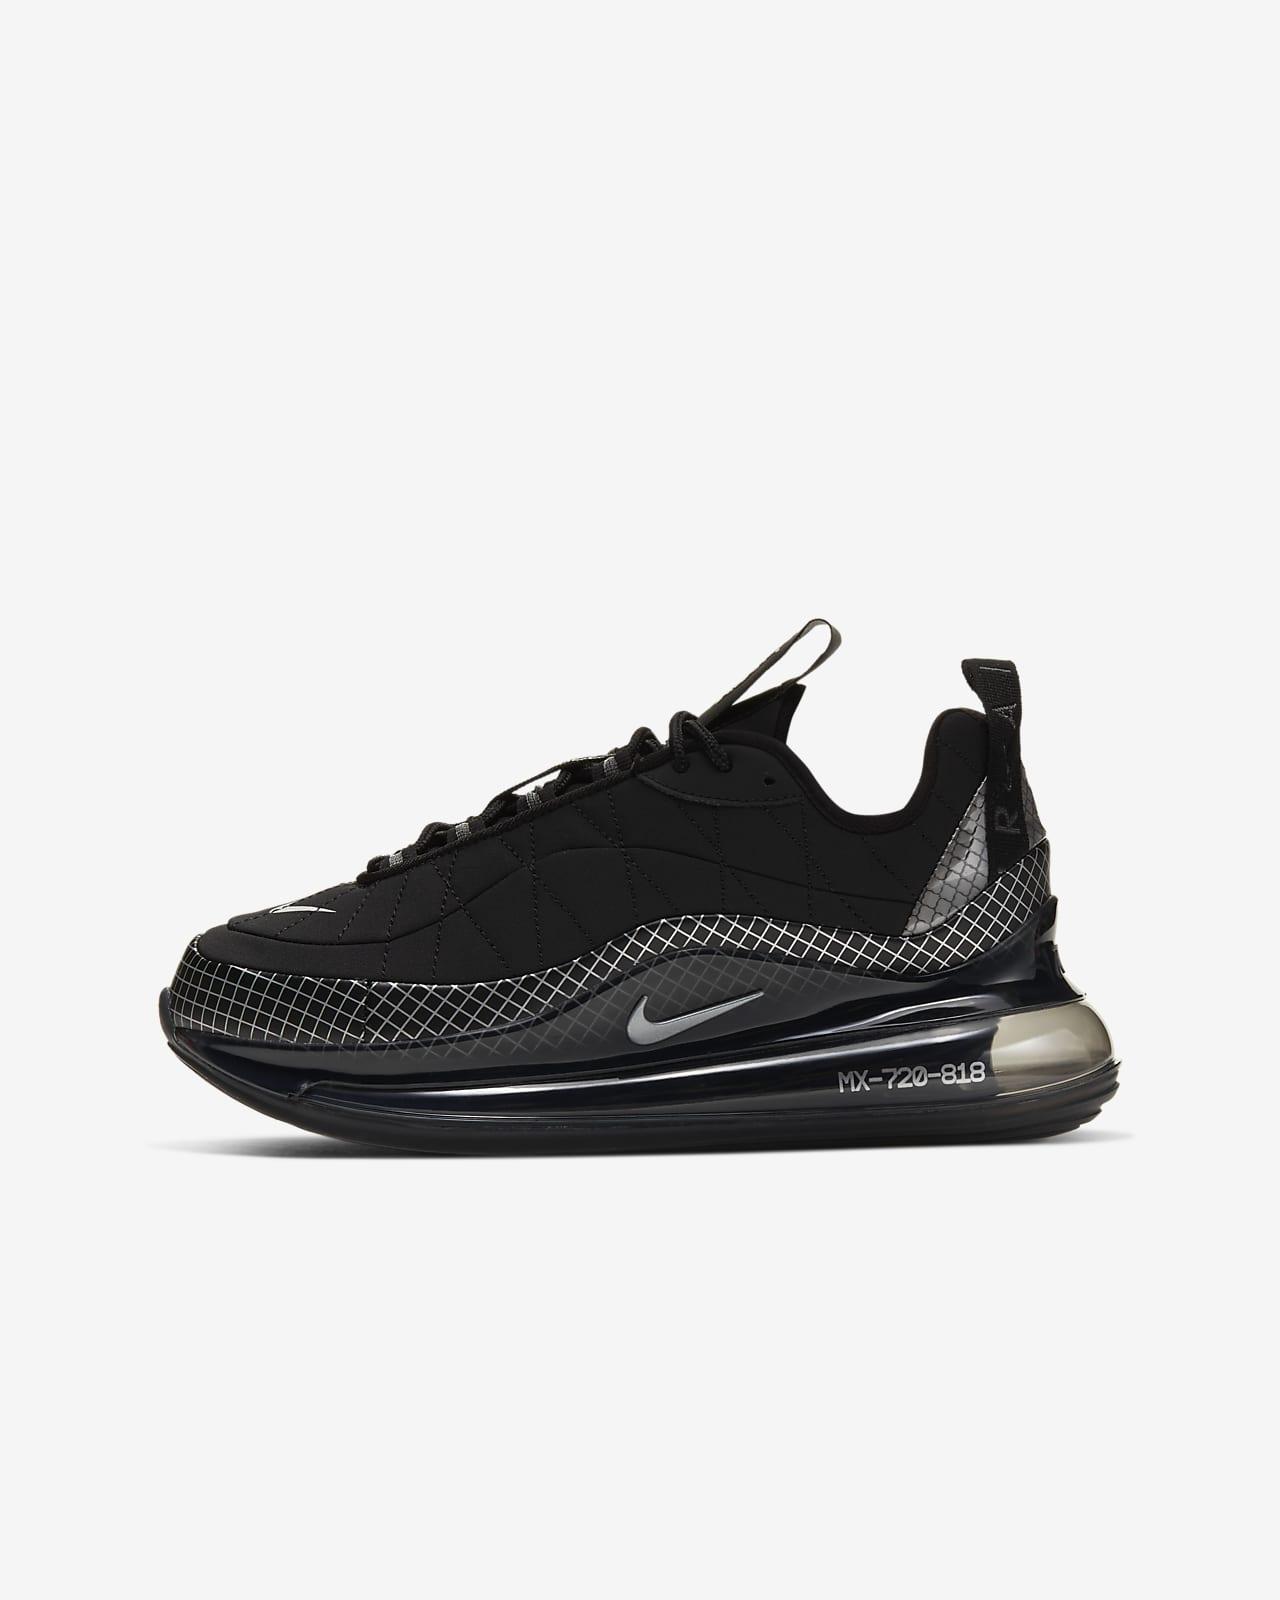 Кроссовки для дошкольников/школьников Nike MX-720-818